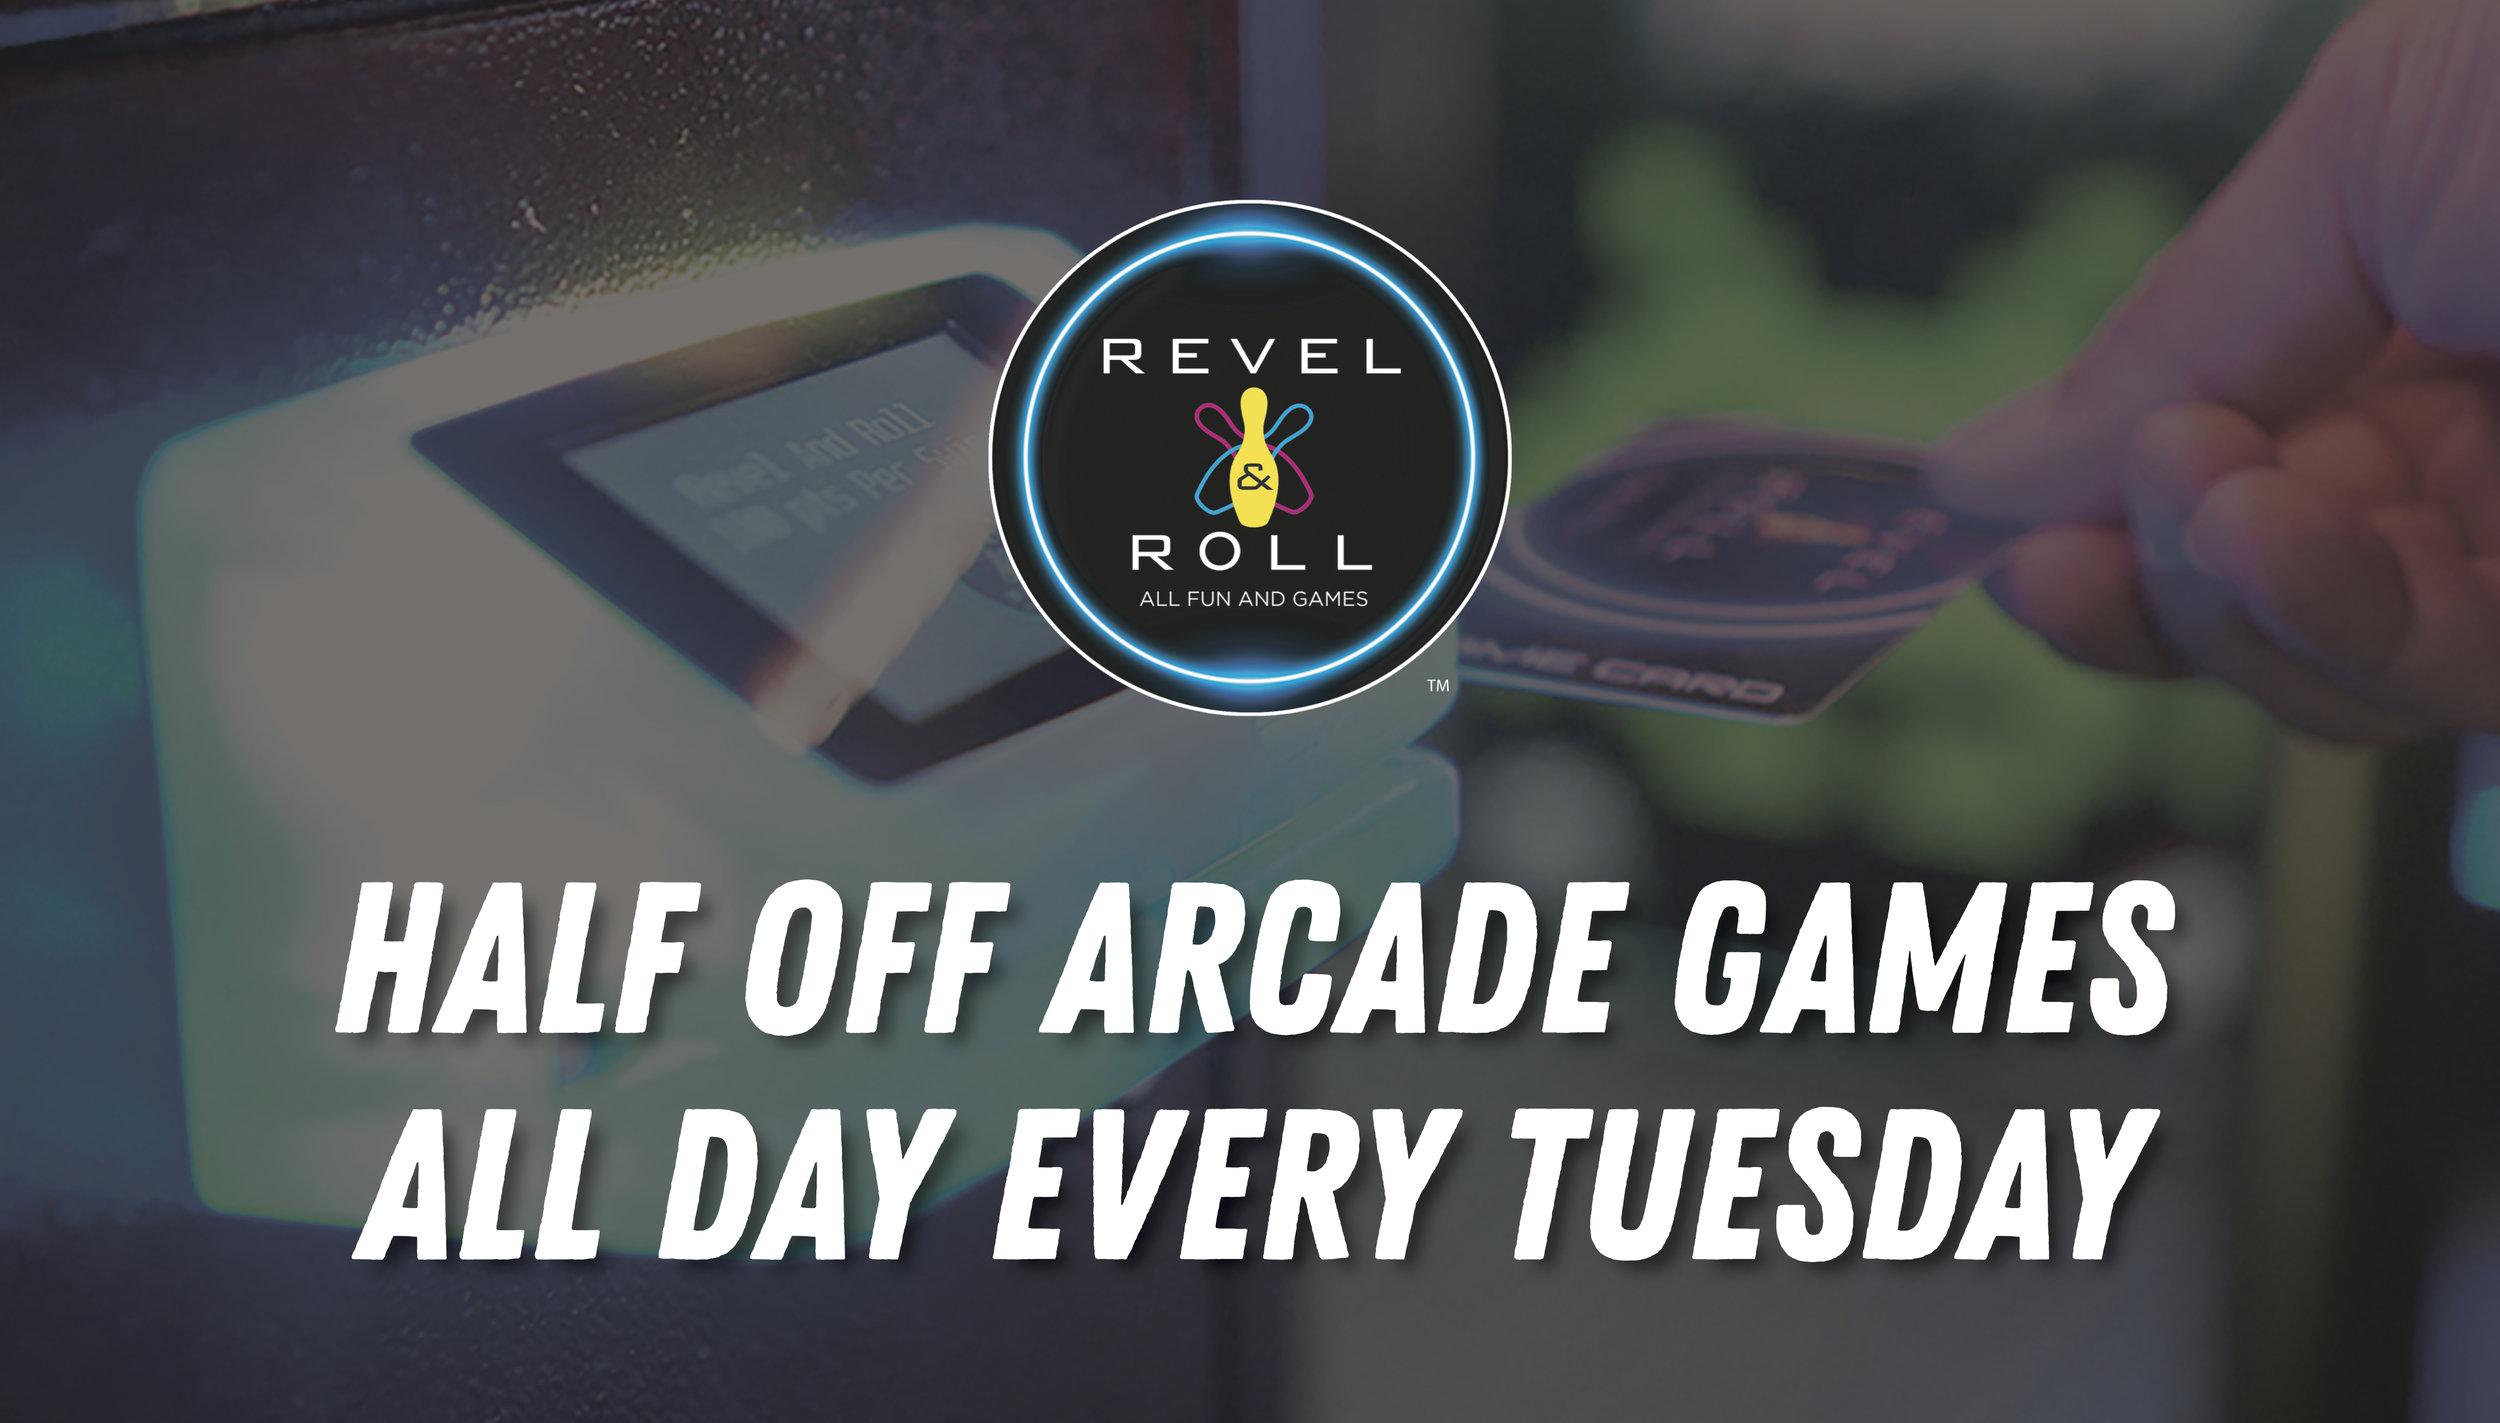 halfoff_arcade_16x9.jpg